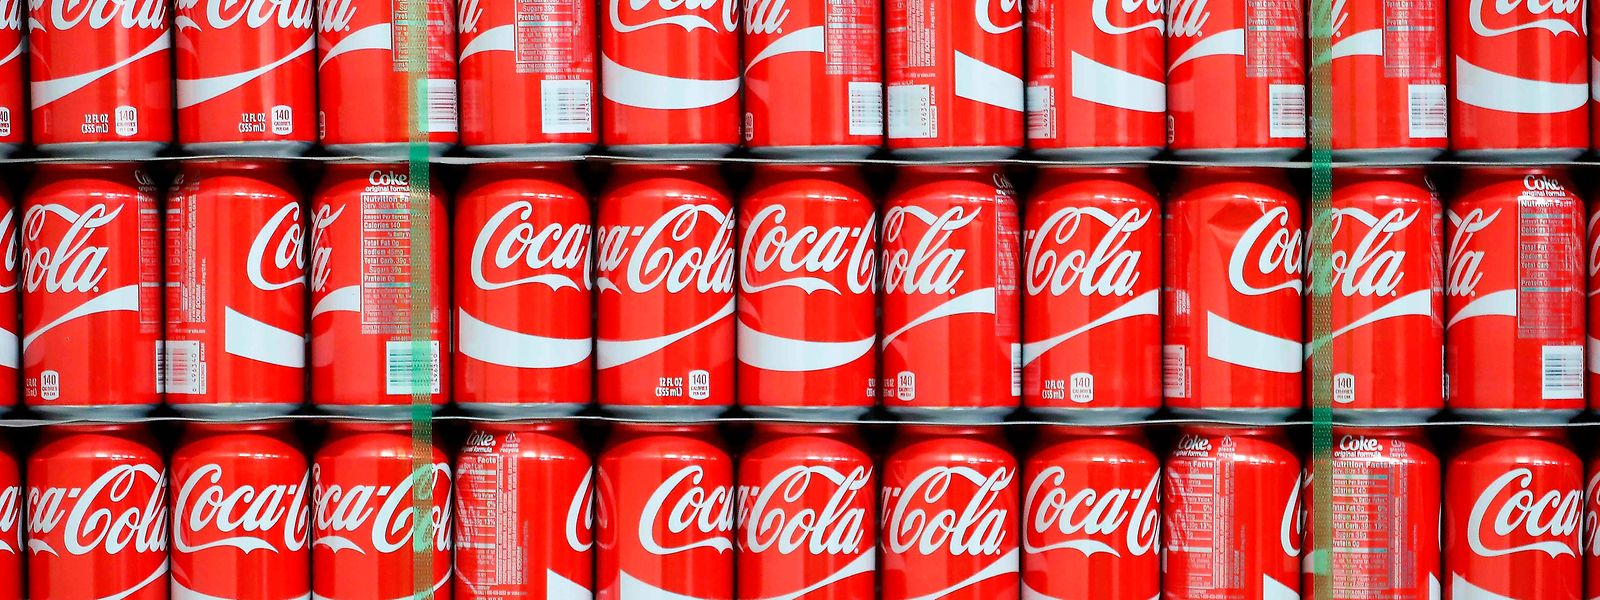 Coca-Cola gewinnt den Rechtsstreit gegen einen syrischen Getränkehersteller.